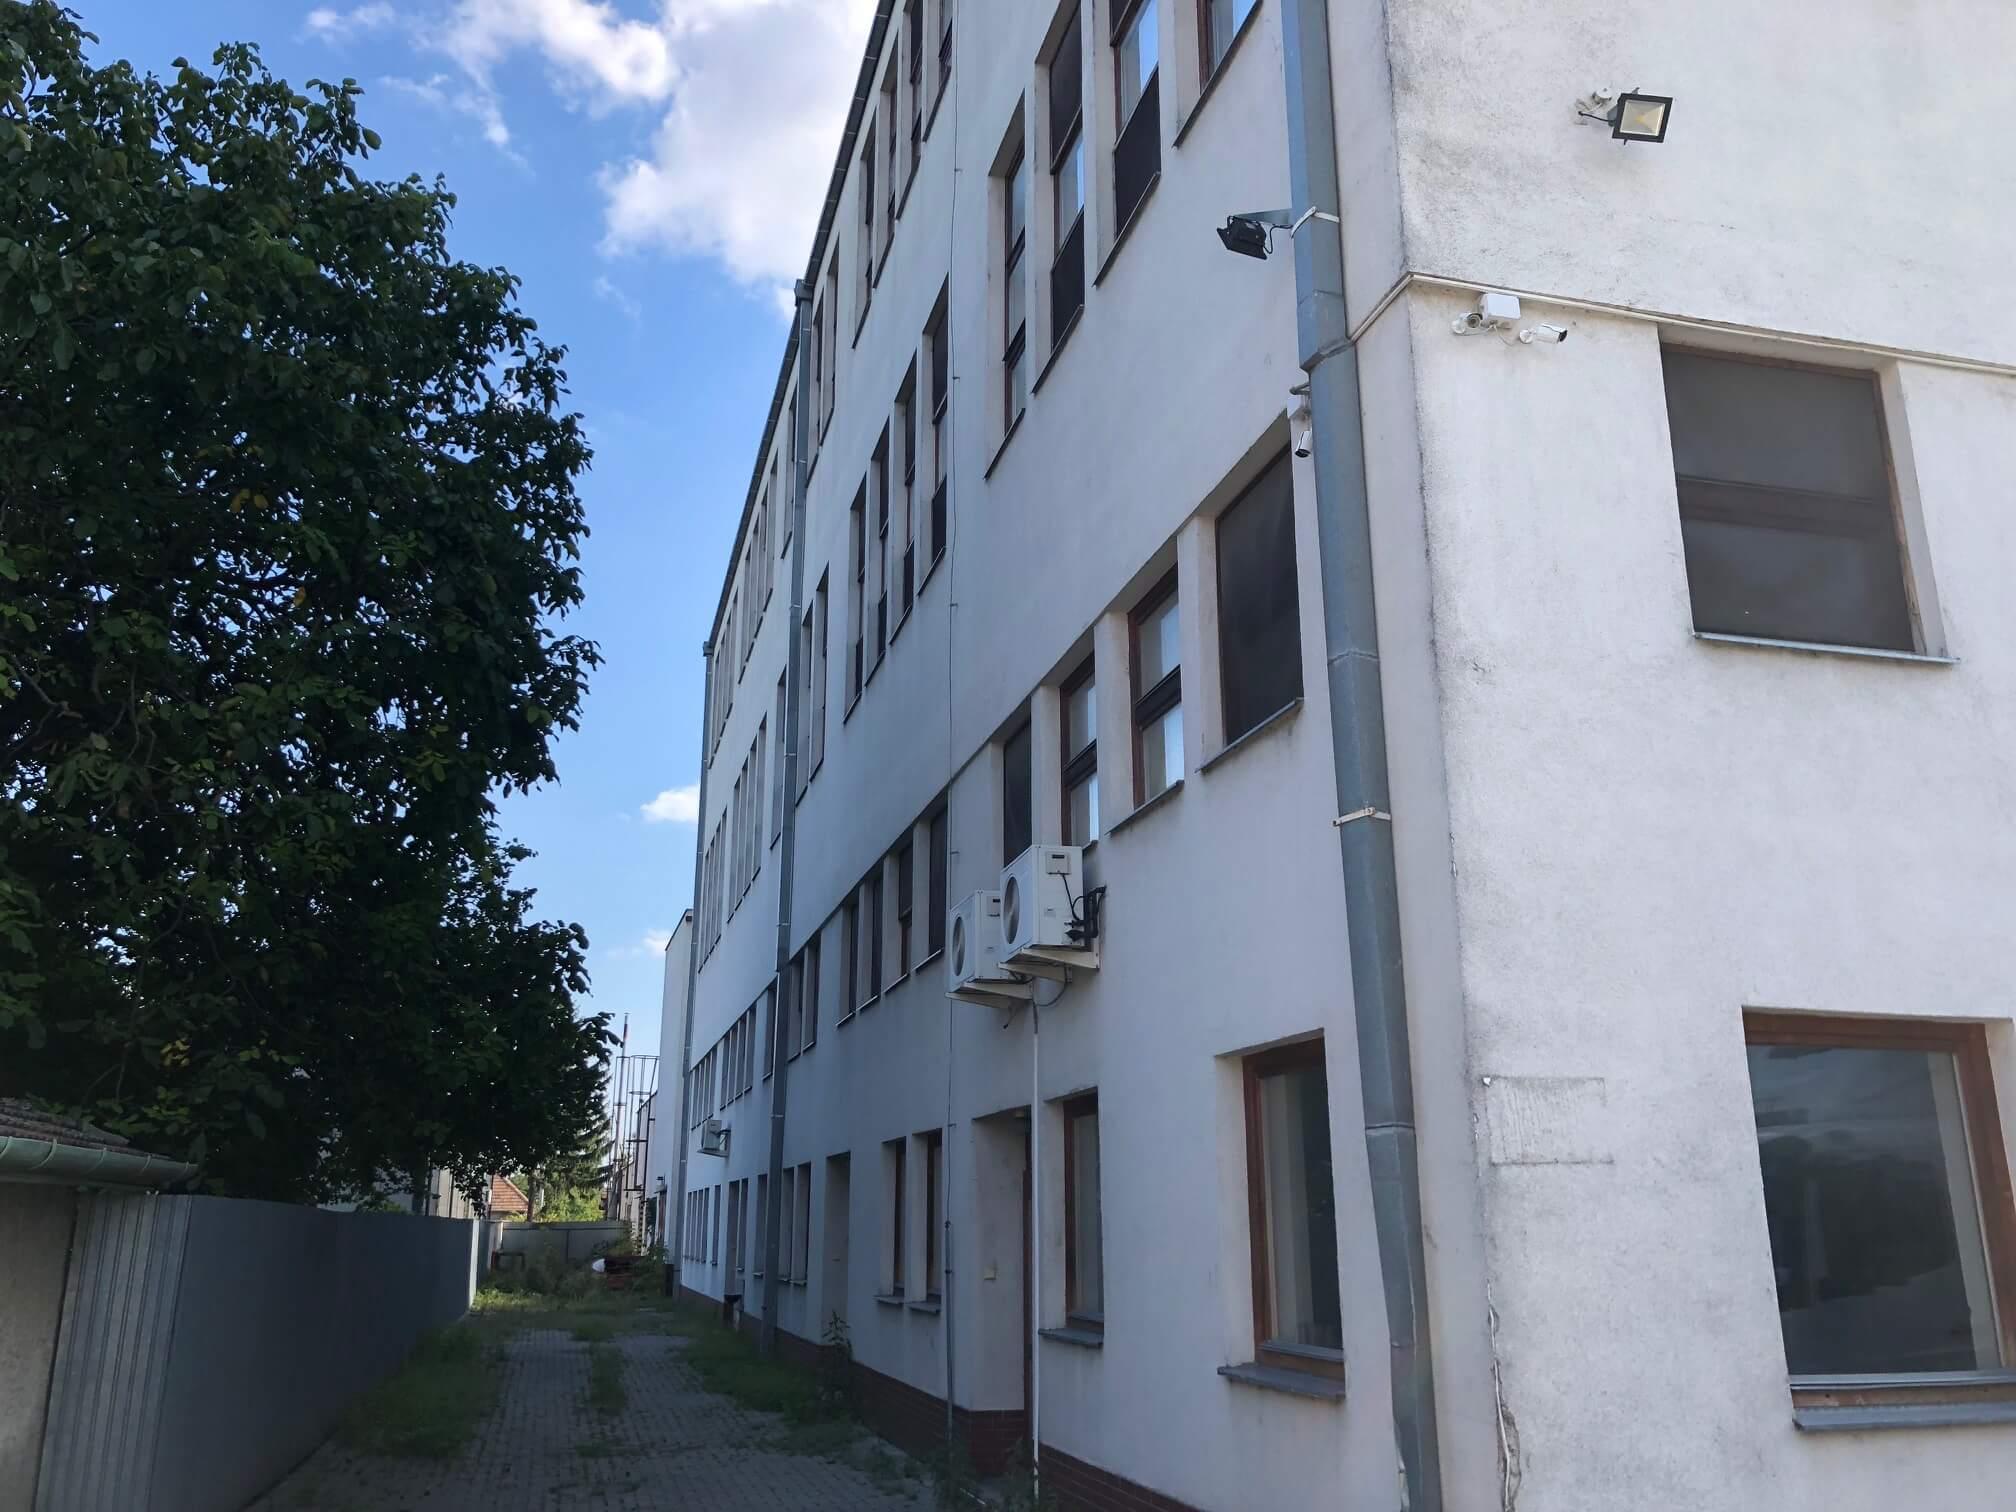 Na prenájom Budova skladov a výrobne v Dunajskej Strede, Drevárska, pozemok 2272m2, spolu 4 podlažia 4767m2-23